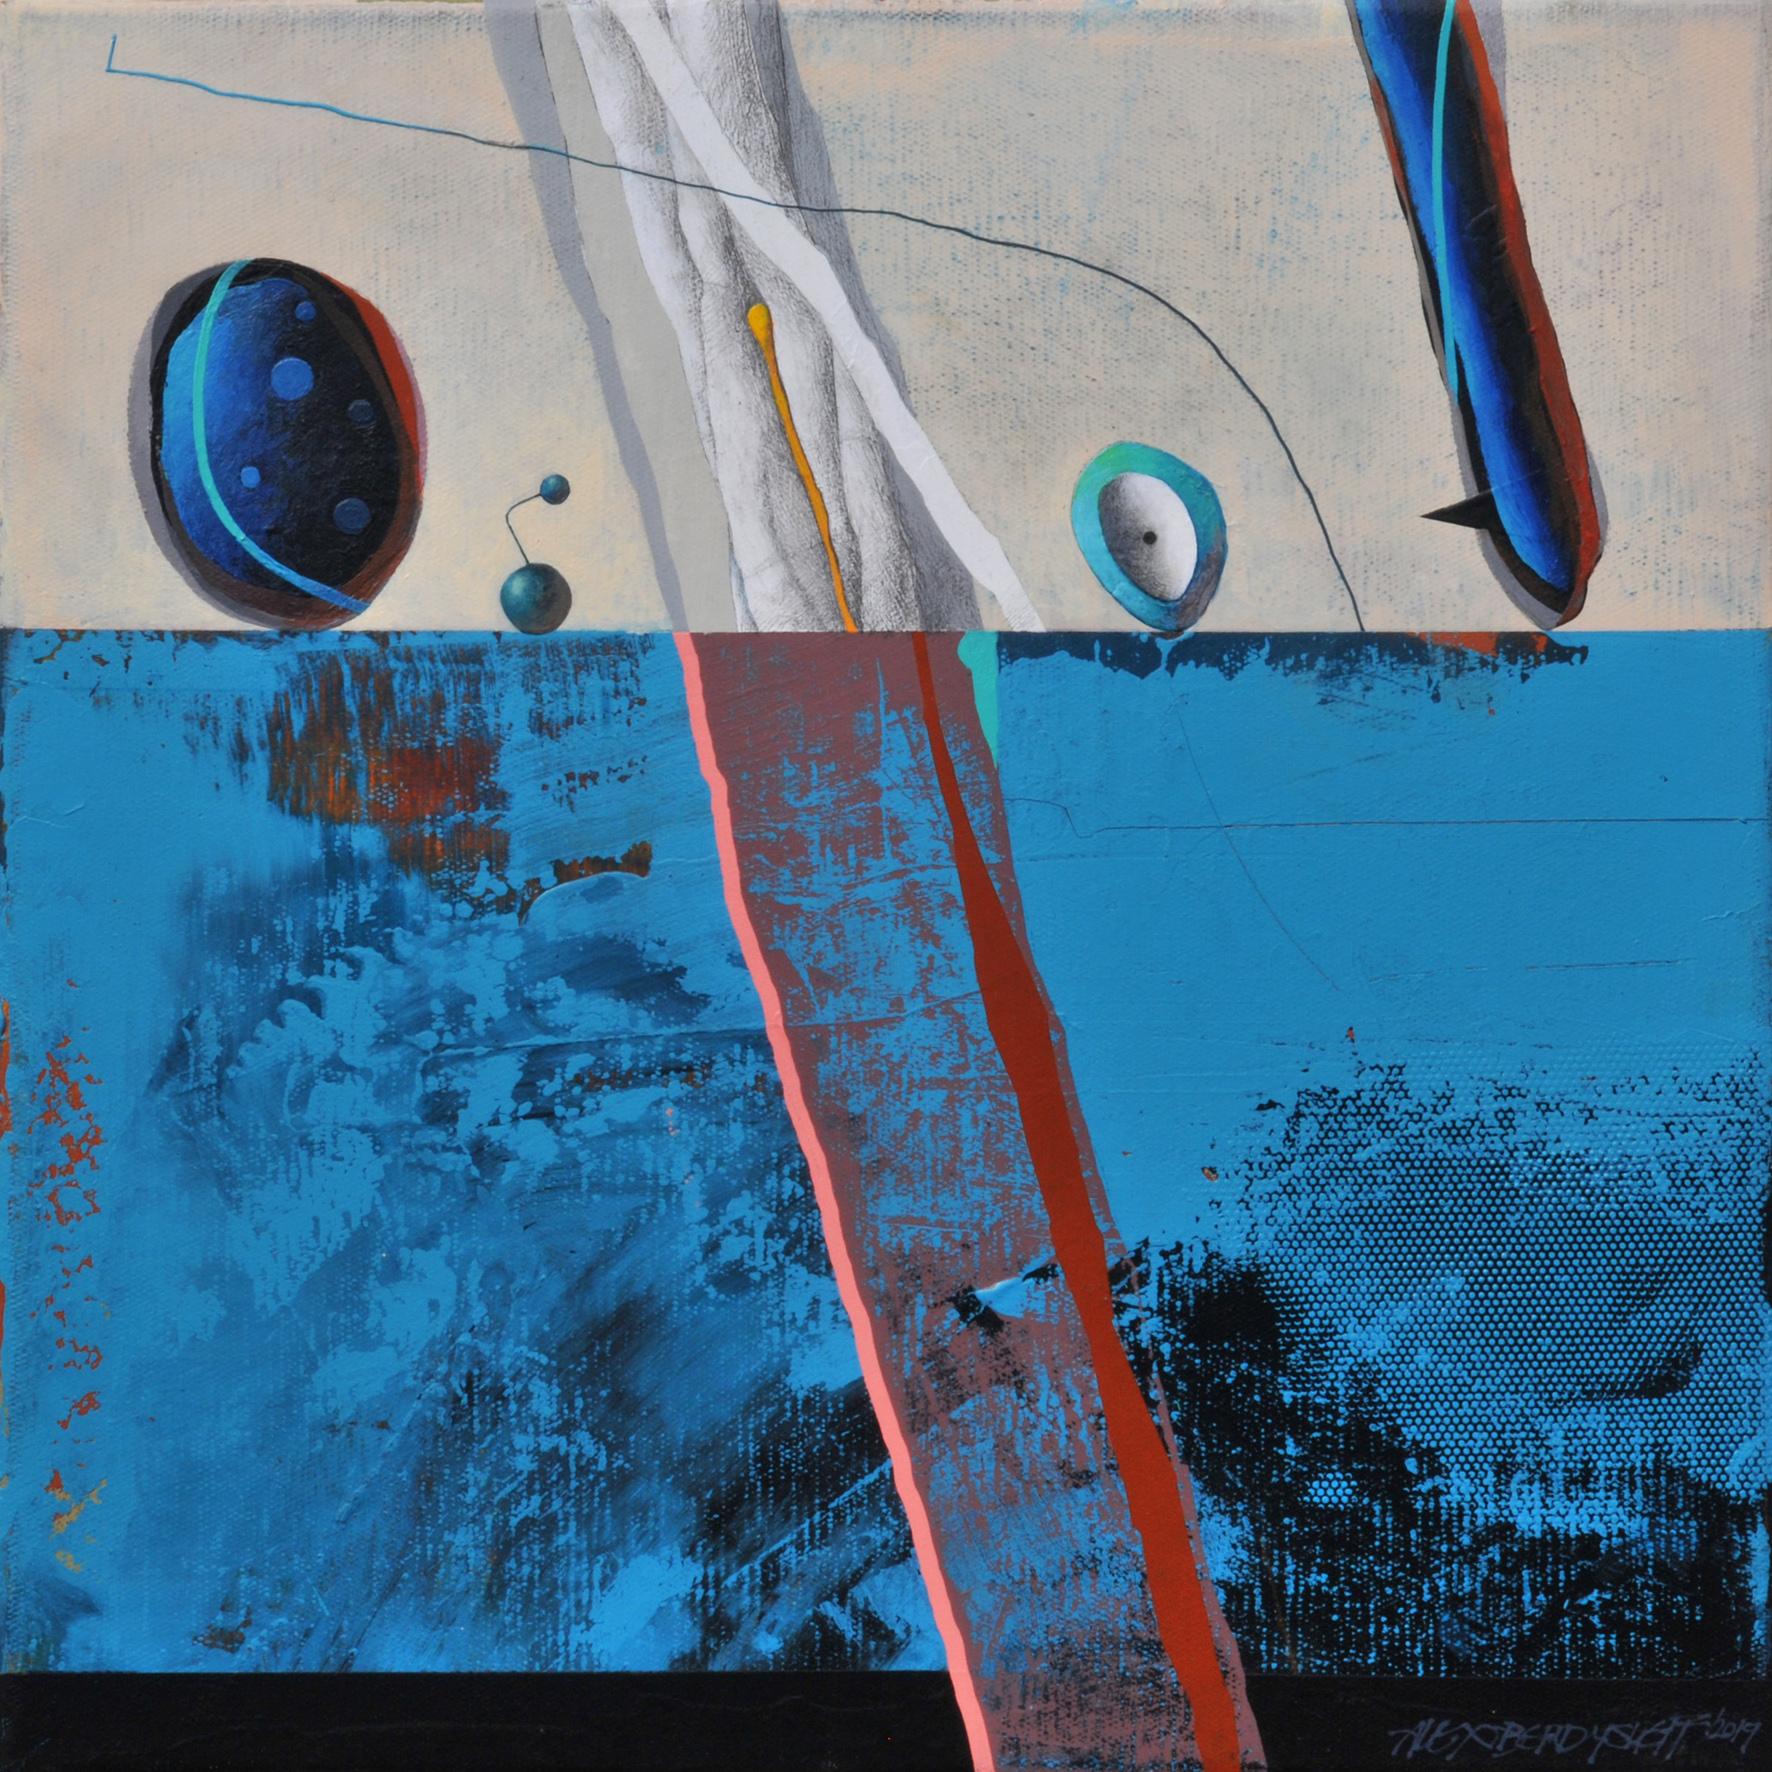 Evidences II, acrylic on canvas, 46x46 cm, 2019